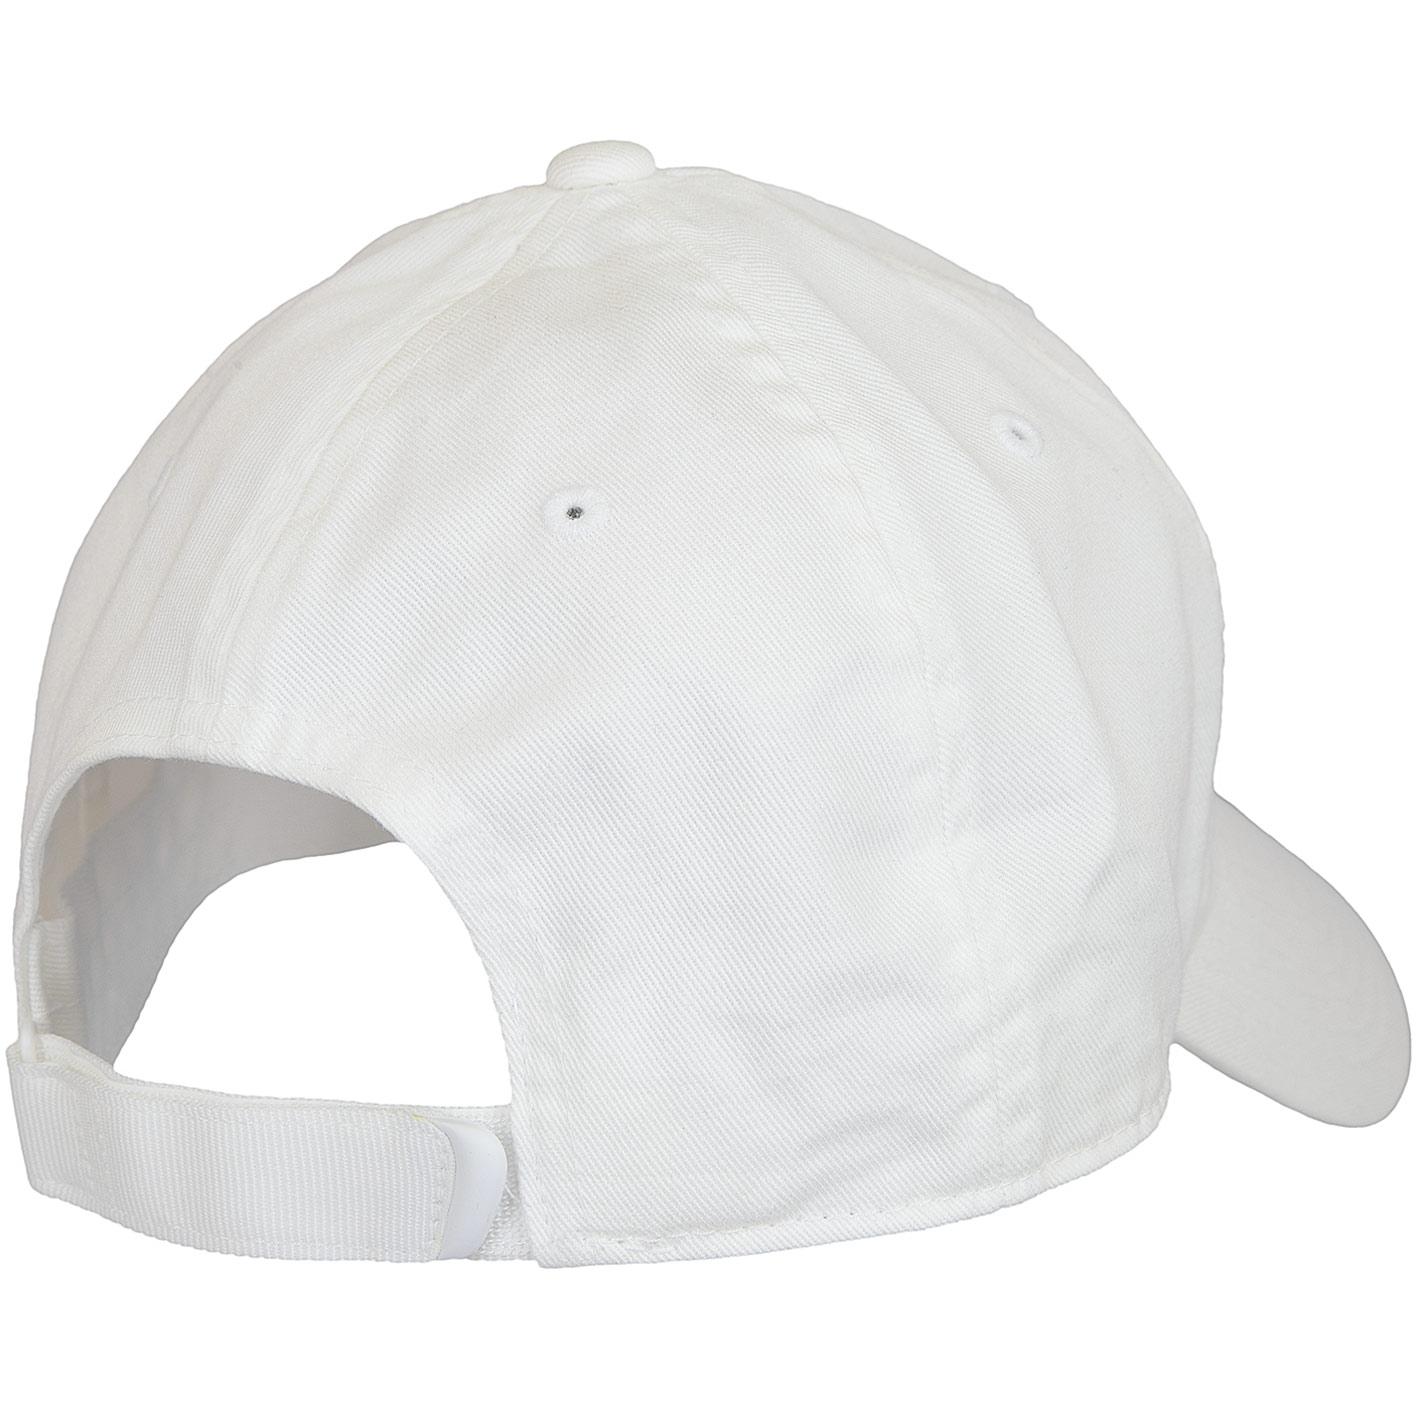 nike air max cap weiß